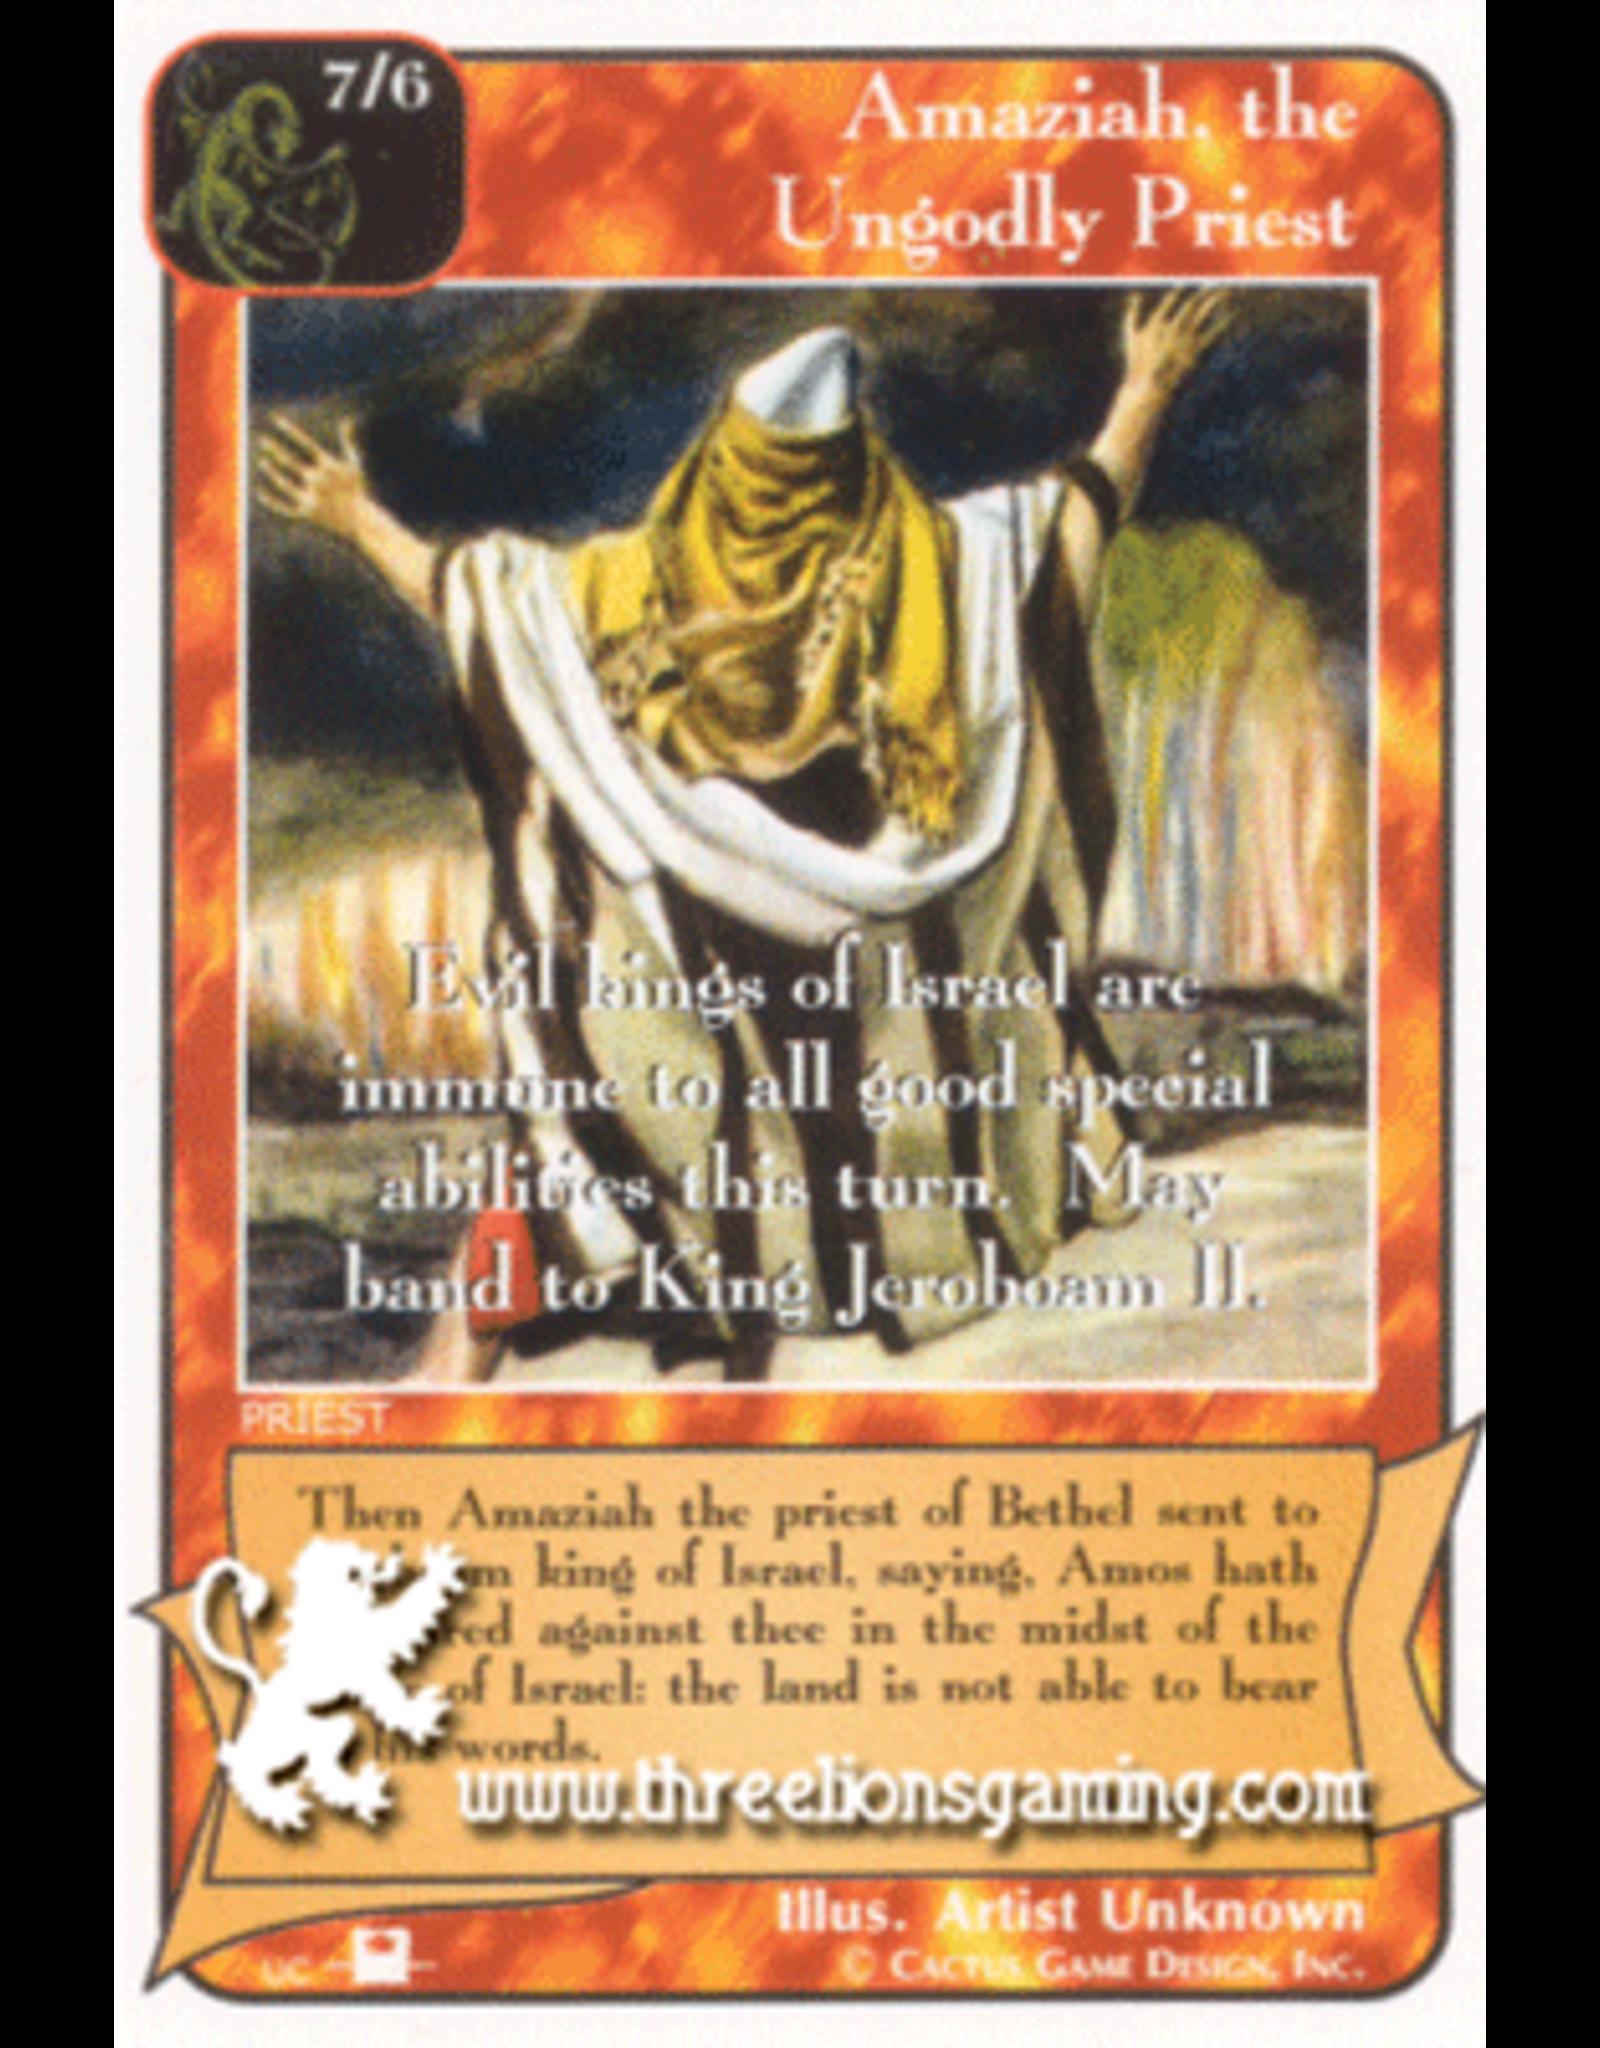 Priest: Amaziah, the Ungodly Priest